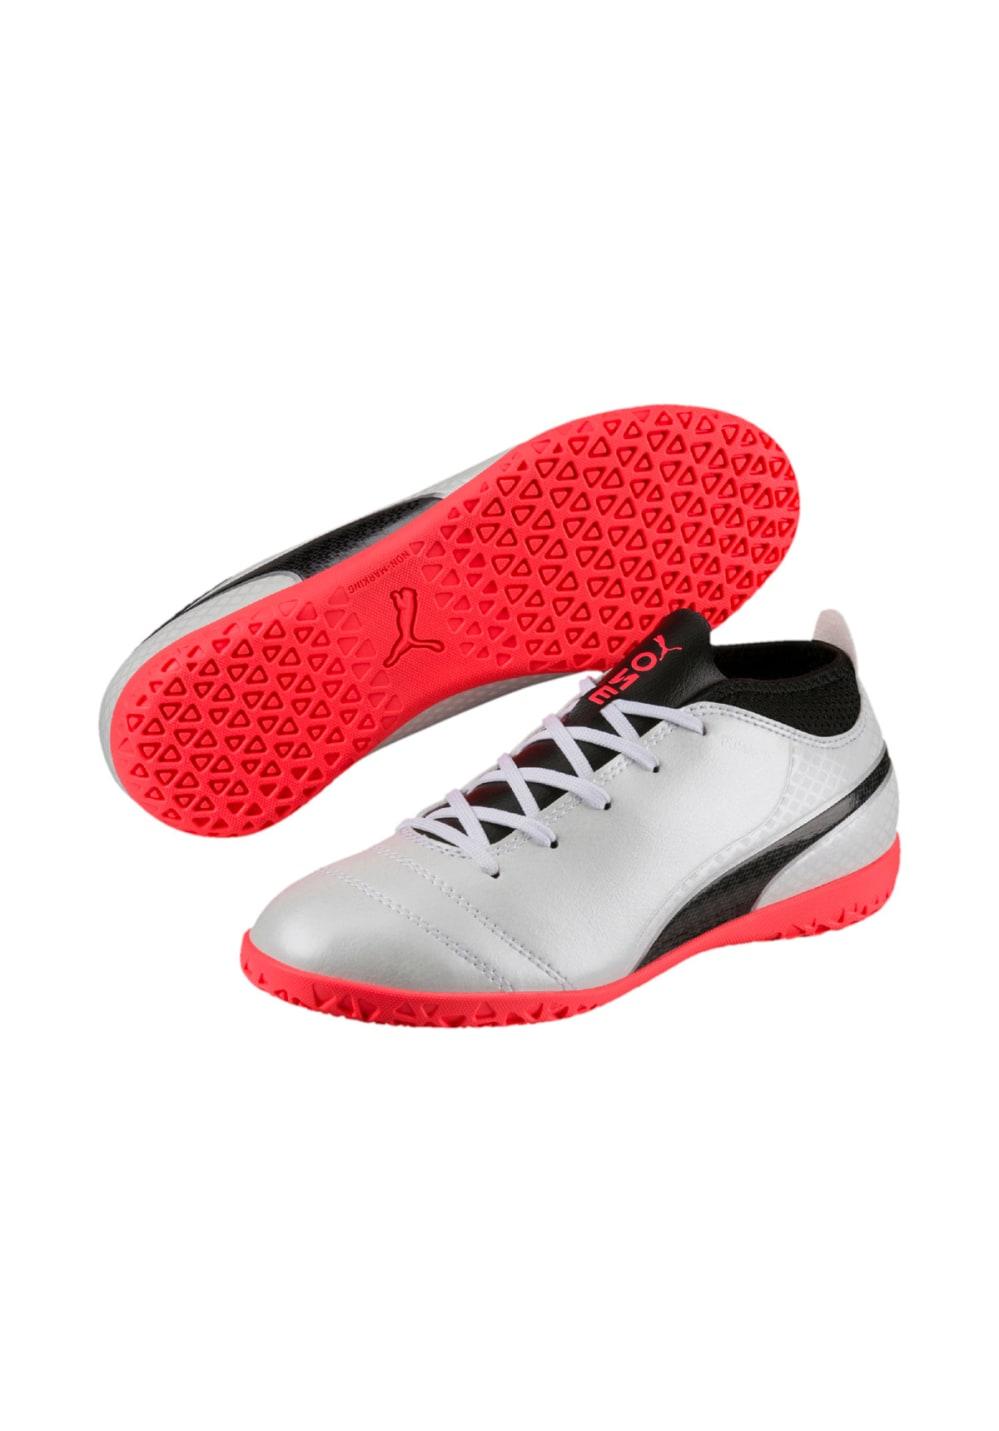 48d40cd685 Puma ONE 17.4 IT Jr - Indoor shoes - Silver